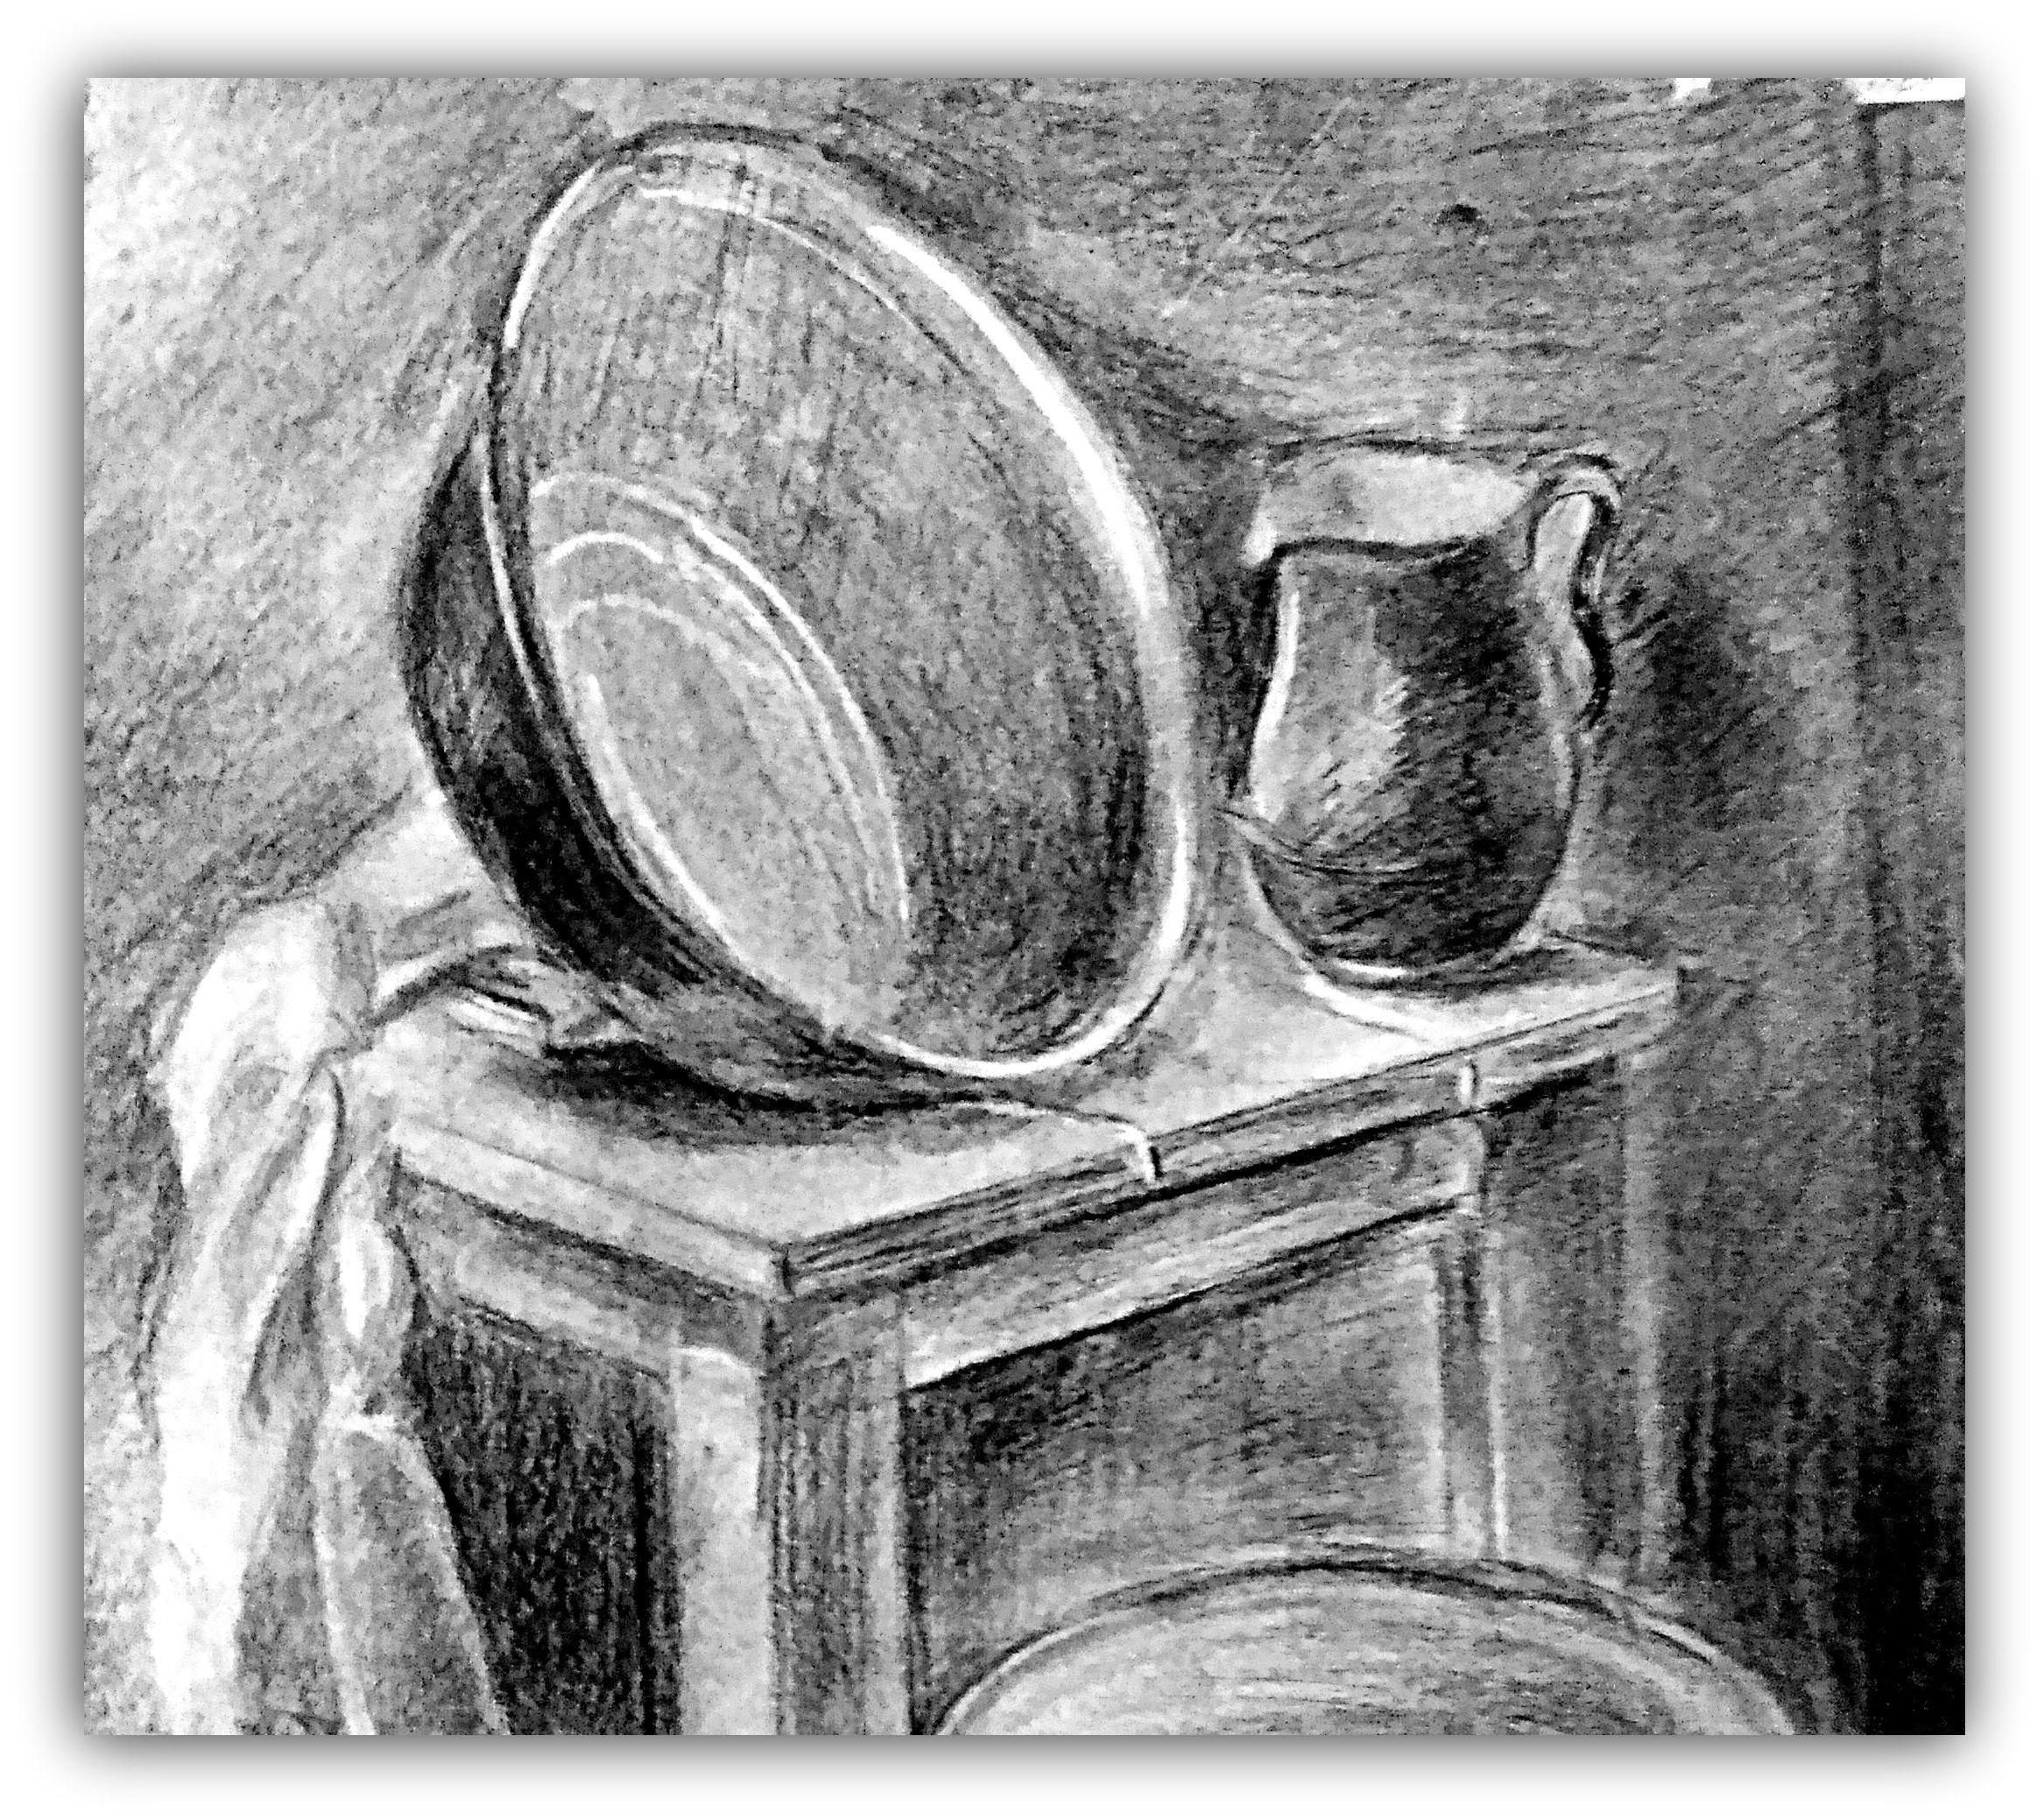 арт картина купить работа ручная материал мягкий дача продажа жизнь картины подарок уголь таз молока сельская натюрморт табурет стул крынка